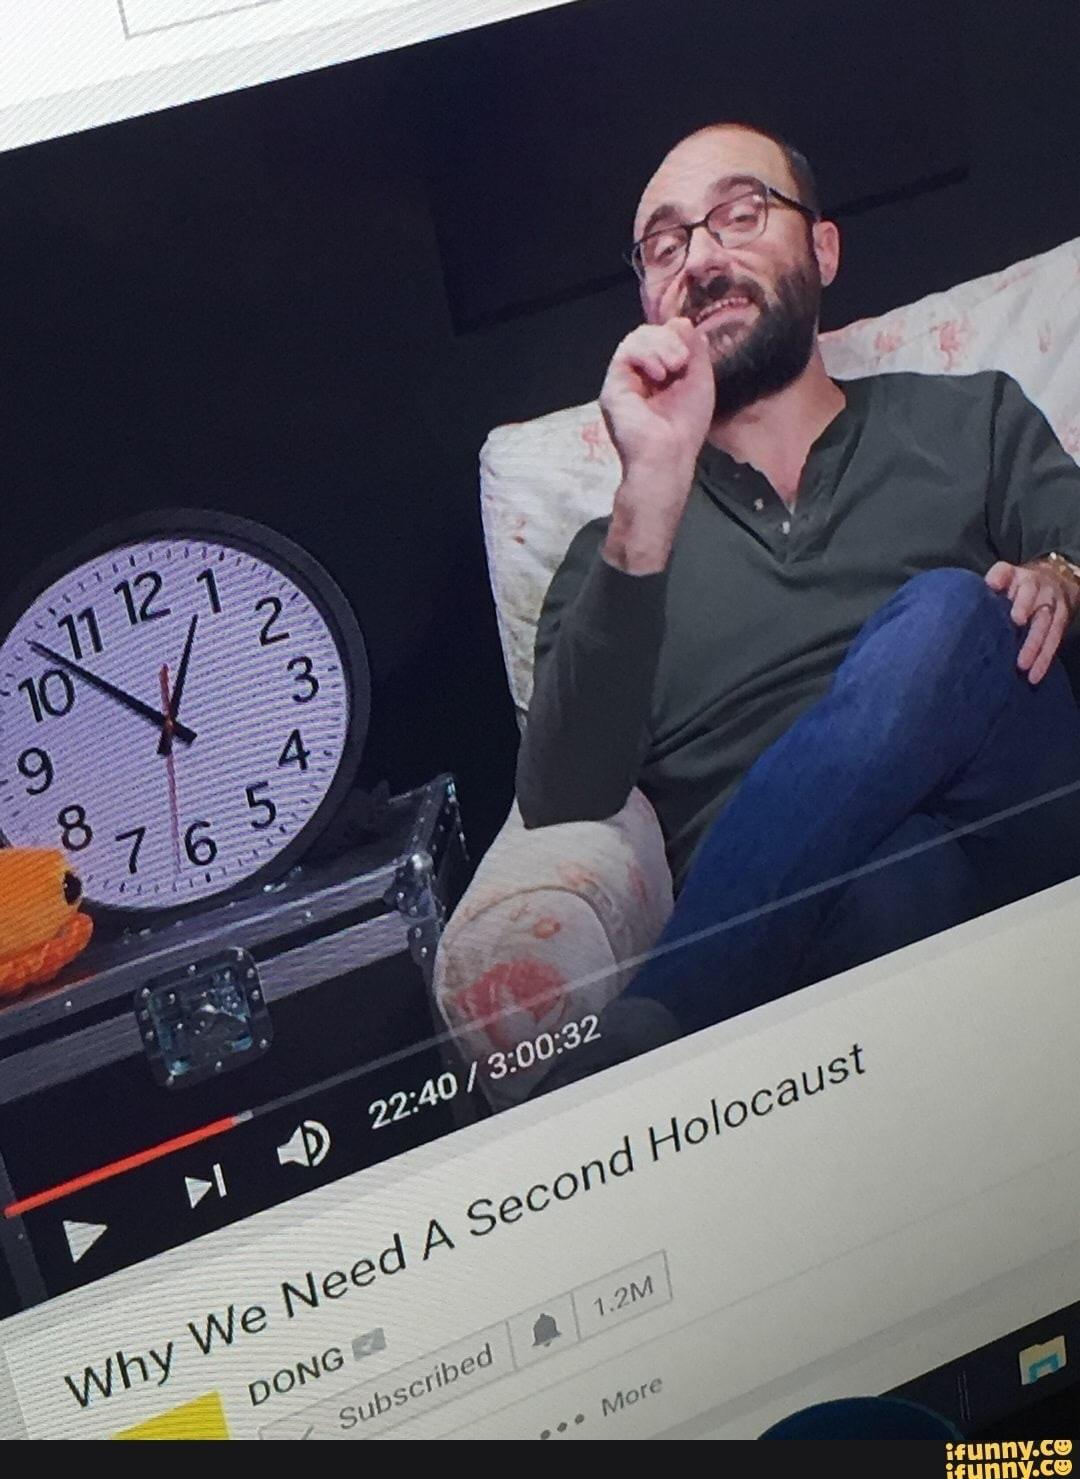 fuckthisapp - meme